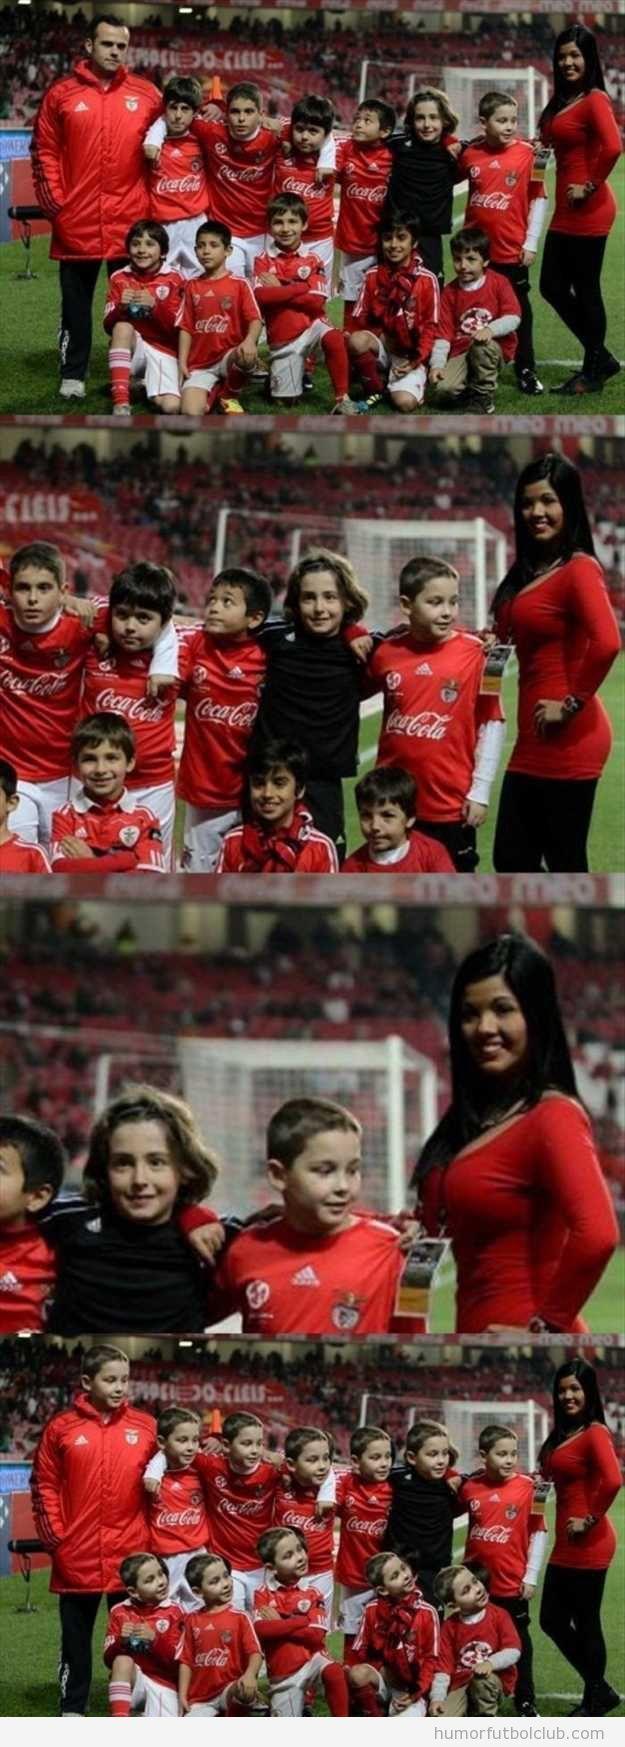 Foto divertida de un grupo de niños de equipo de fútbol, uno mira los pechos de la entrenadora